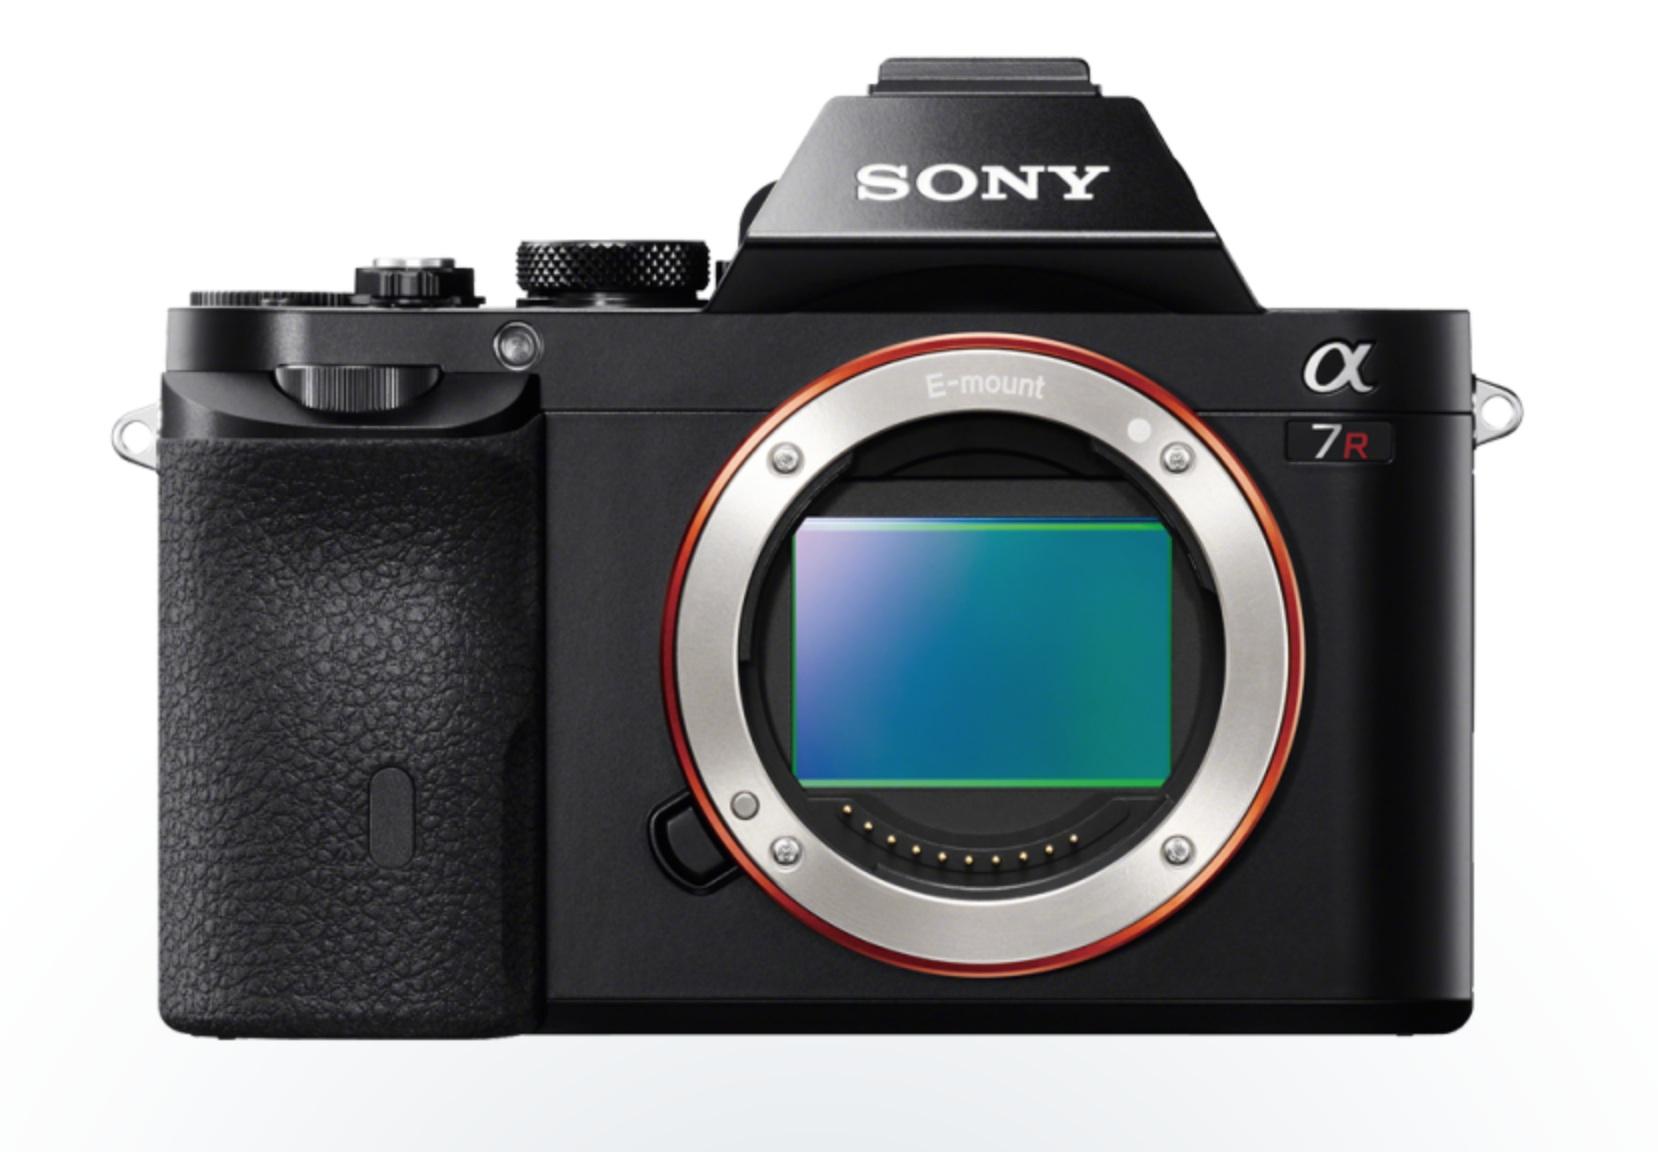 http://thedigitalstory.com/2013/12/23/sony-a7r-no-lens.jpg